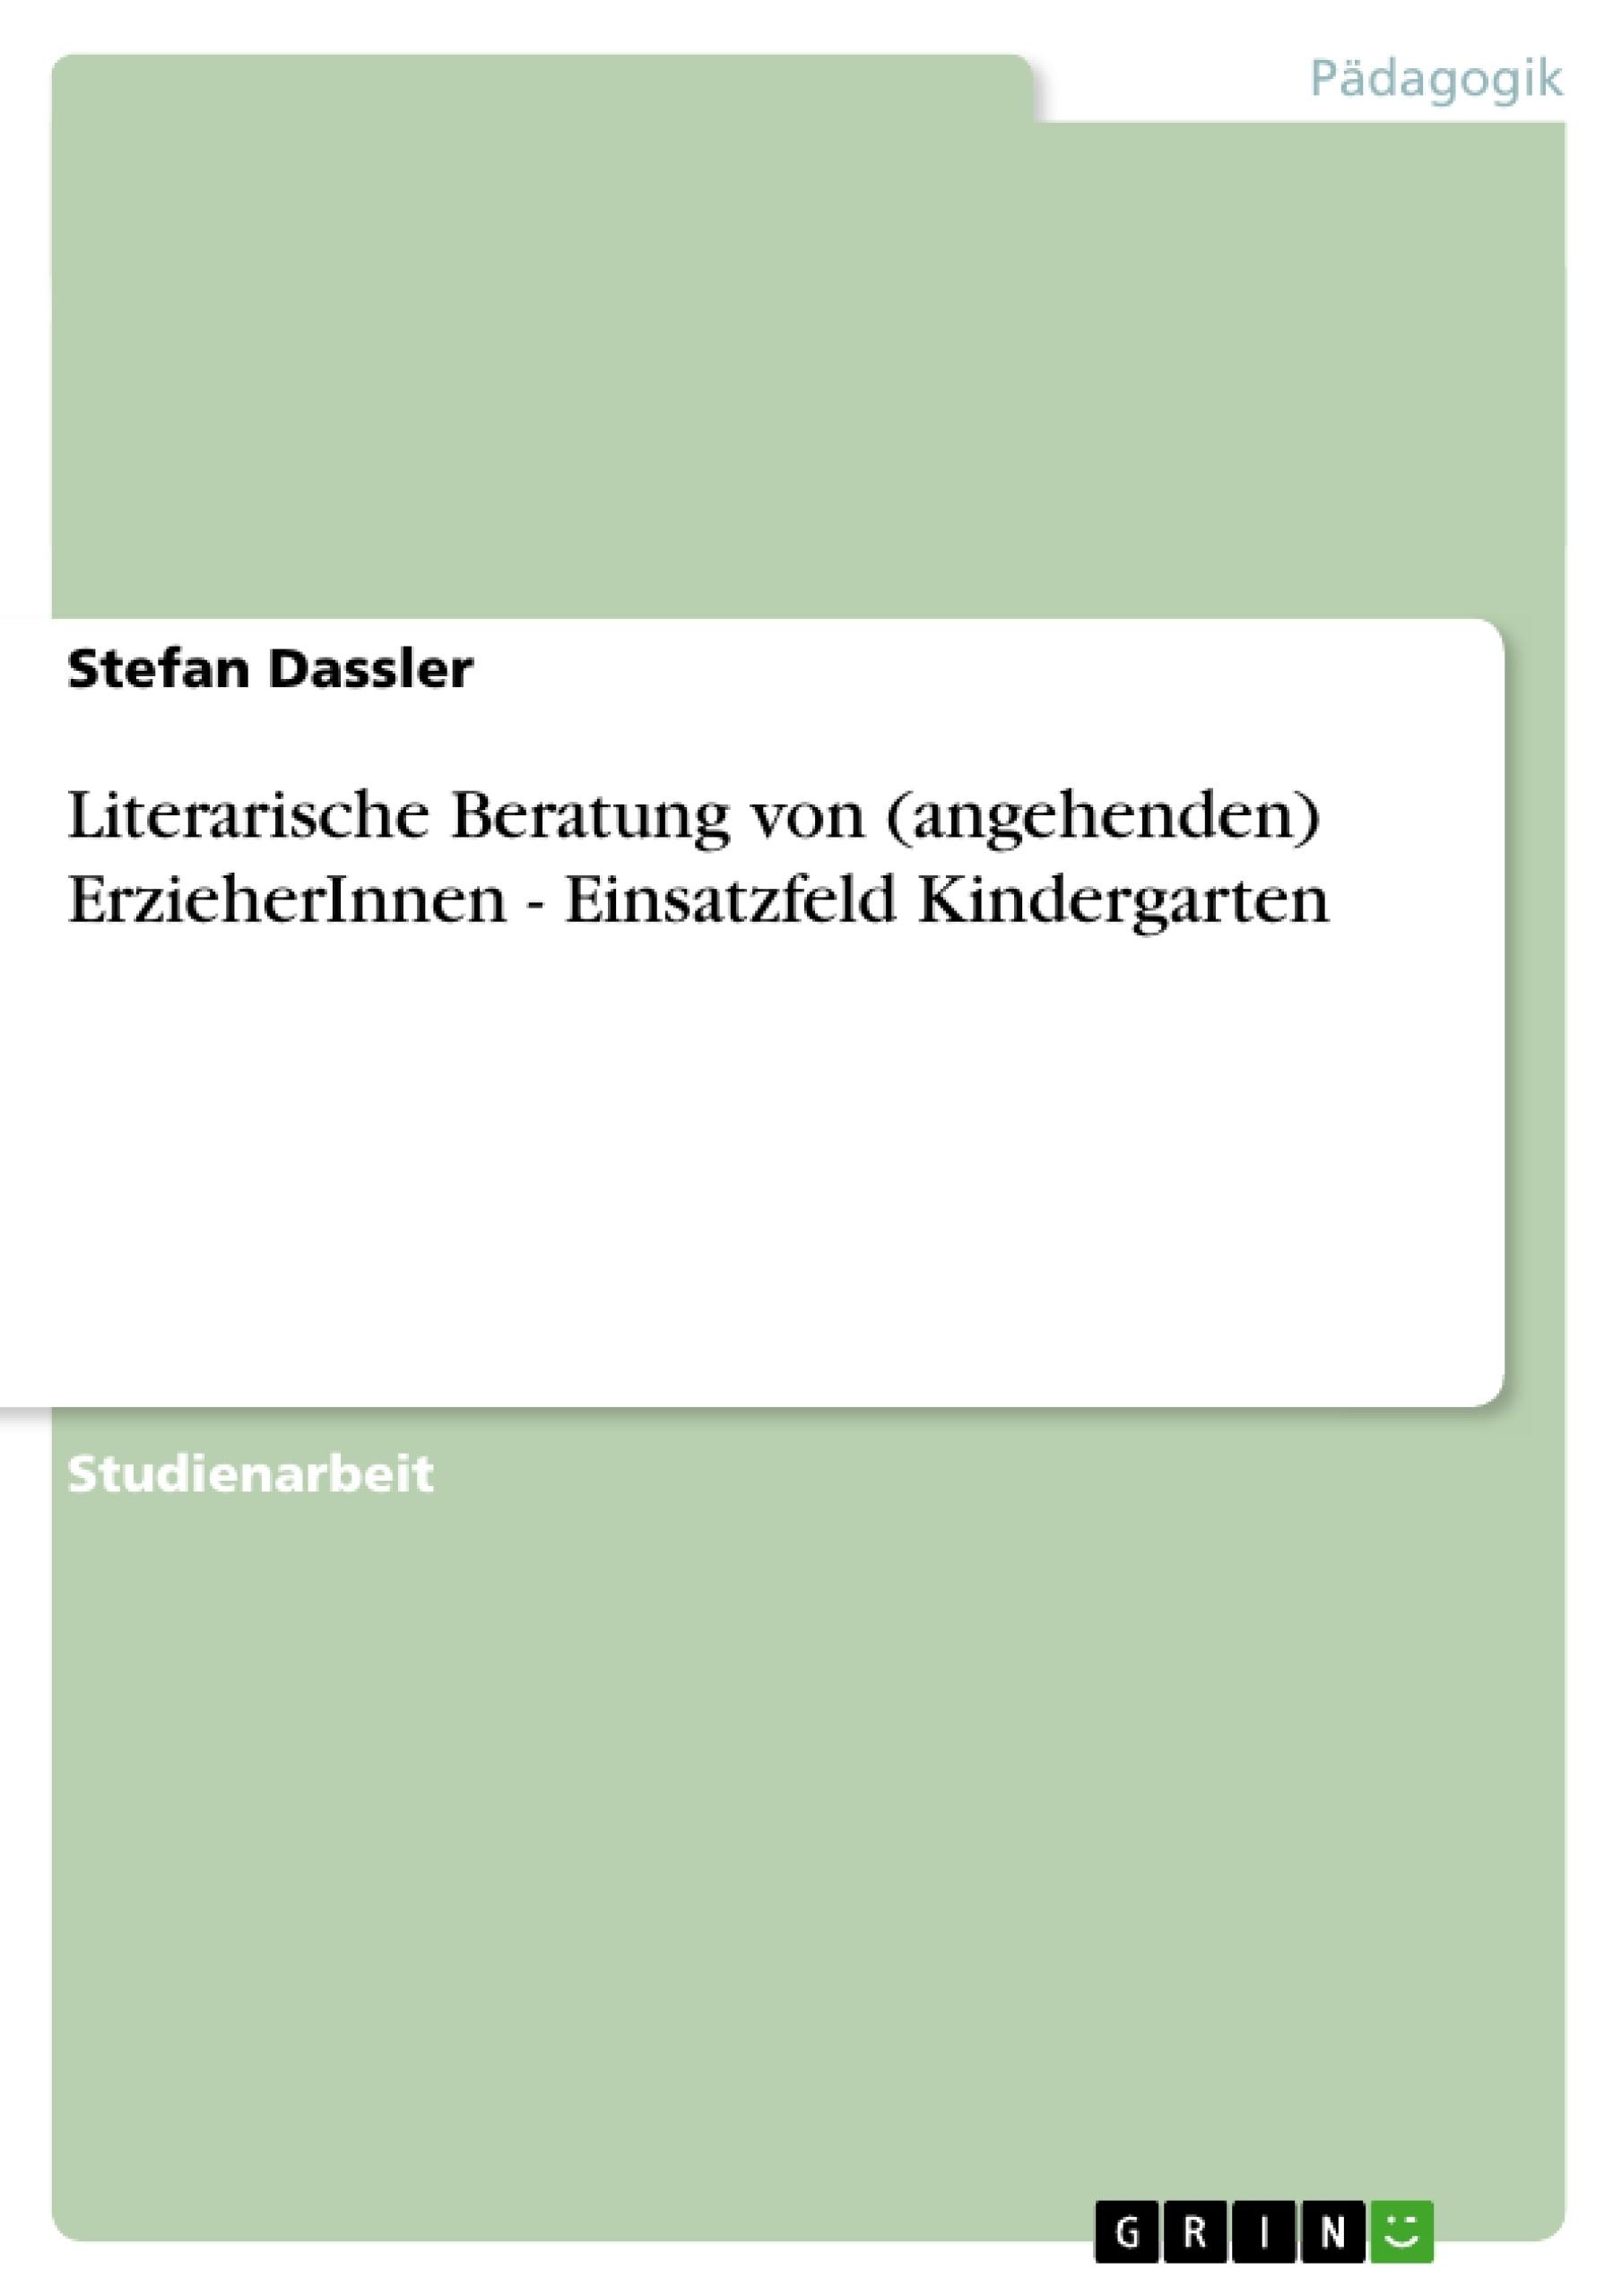 Titel: Literarische Beratung von (angehenden) ErzieherInnen - Einsatzfeld Kindergarten